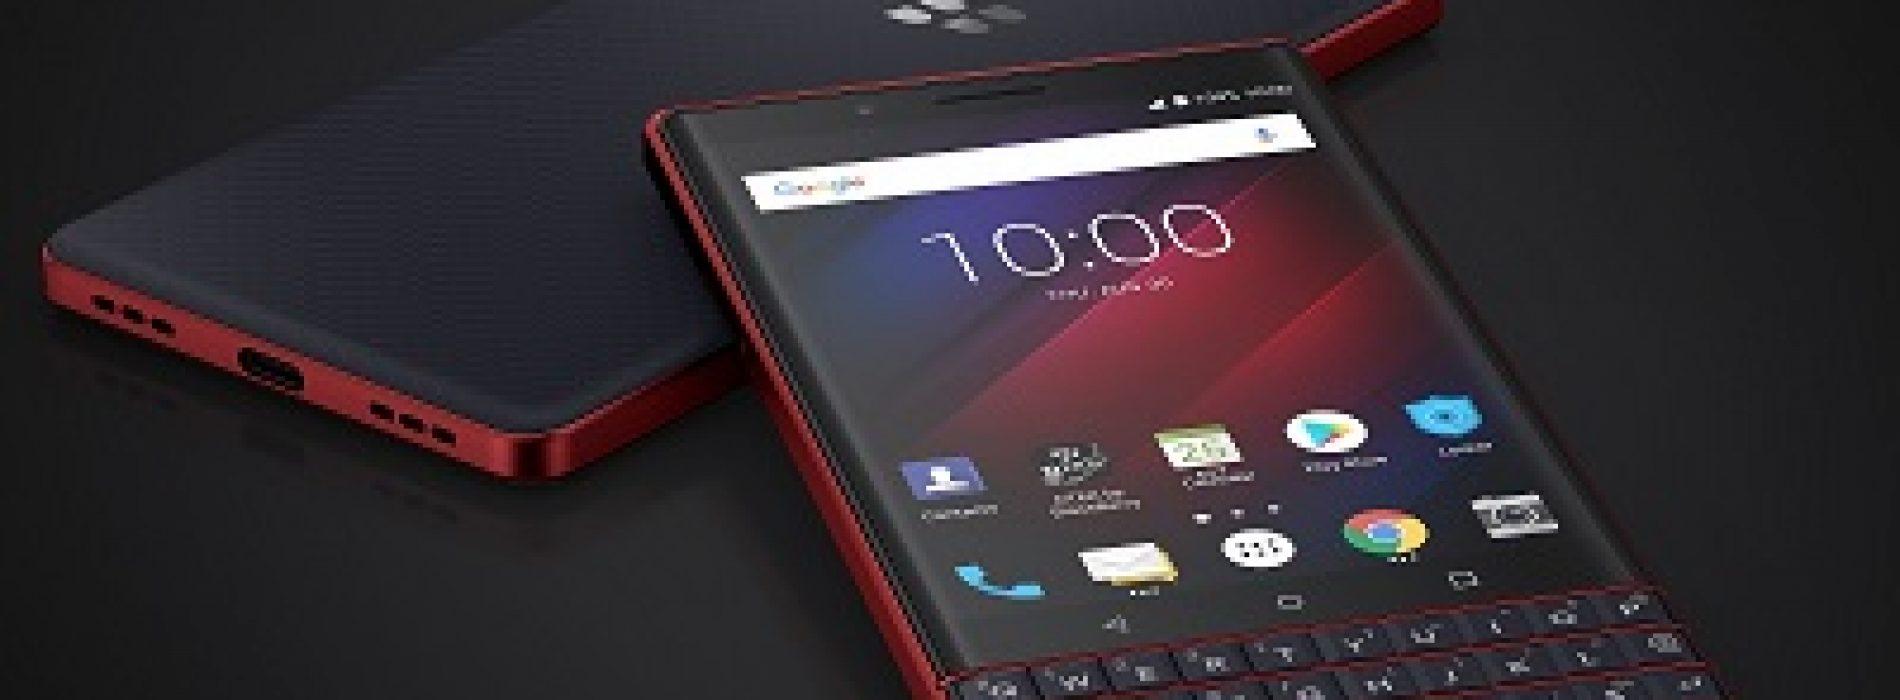 KEY2 LE lo nuevo de Blackberry